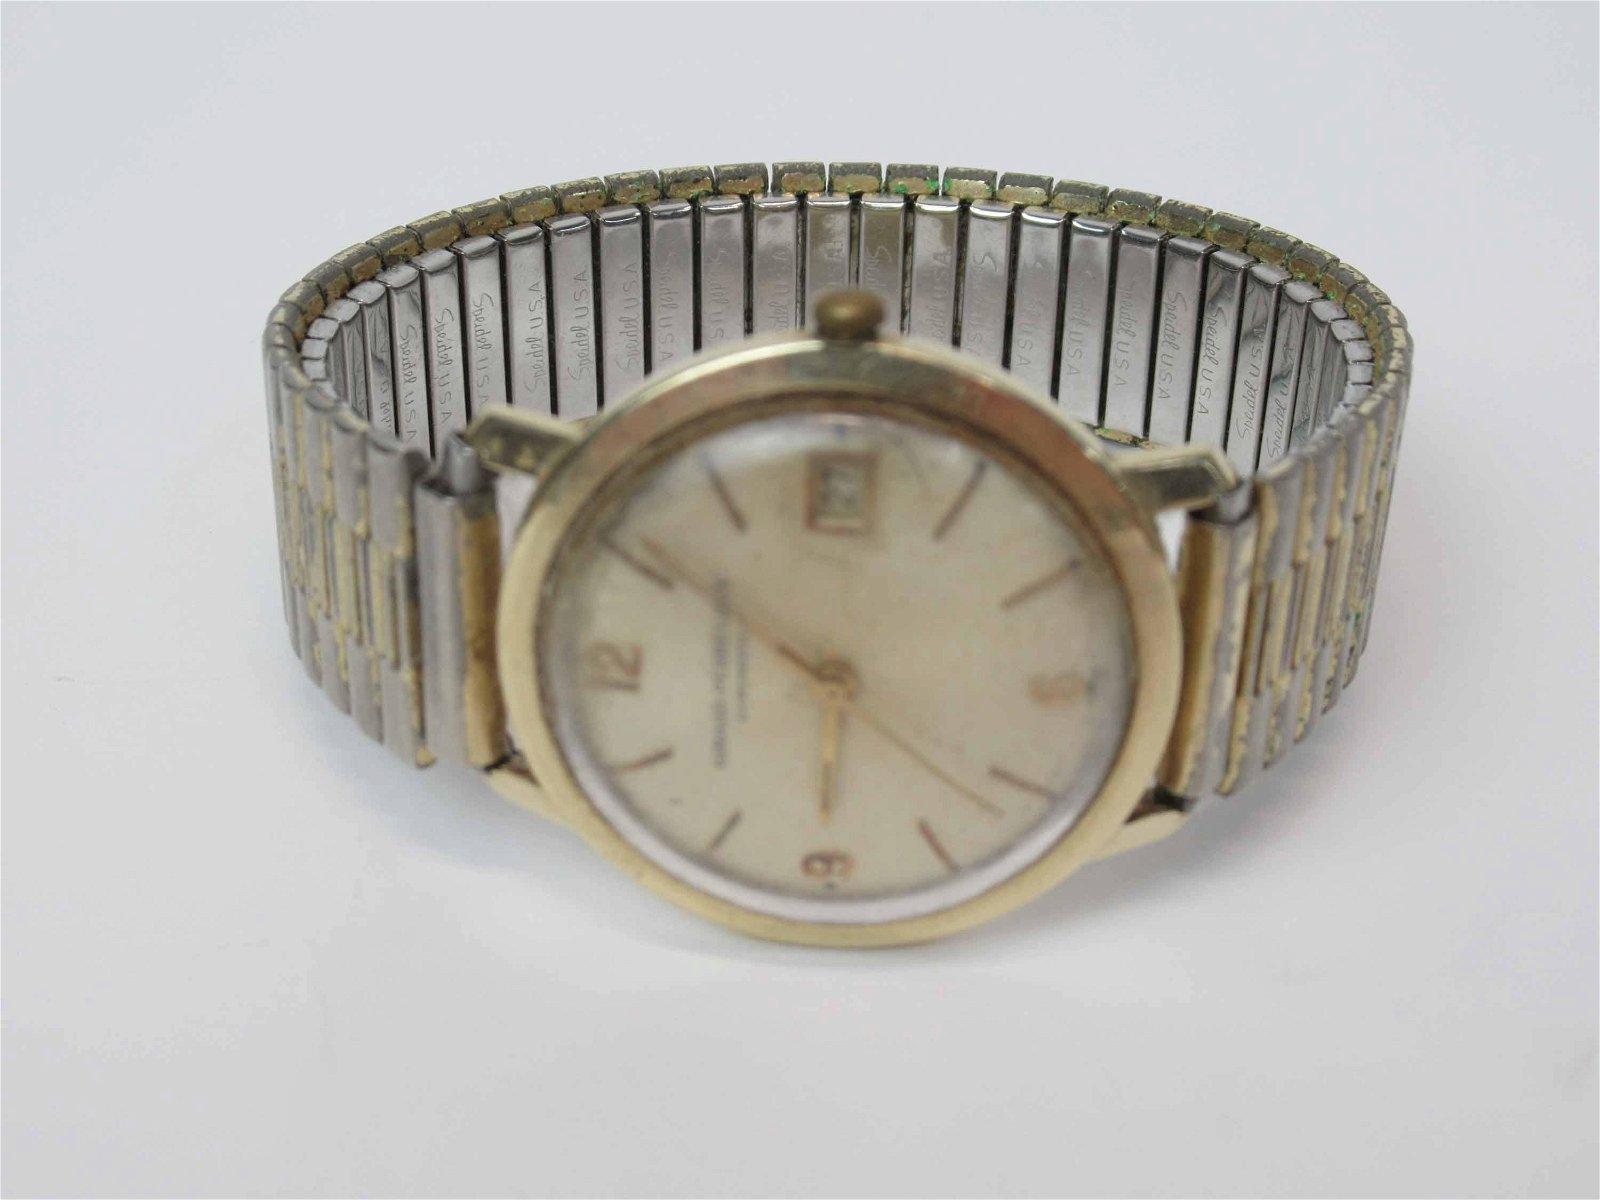 Vintage 14K Girard Perregaux Gyromatic WristWatch